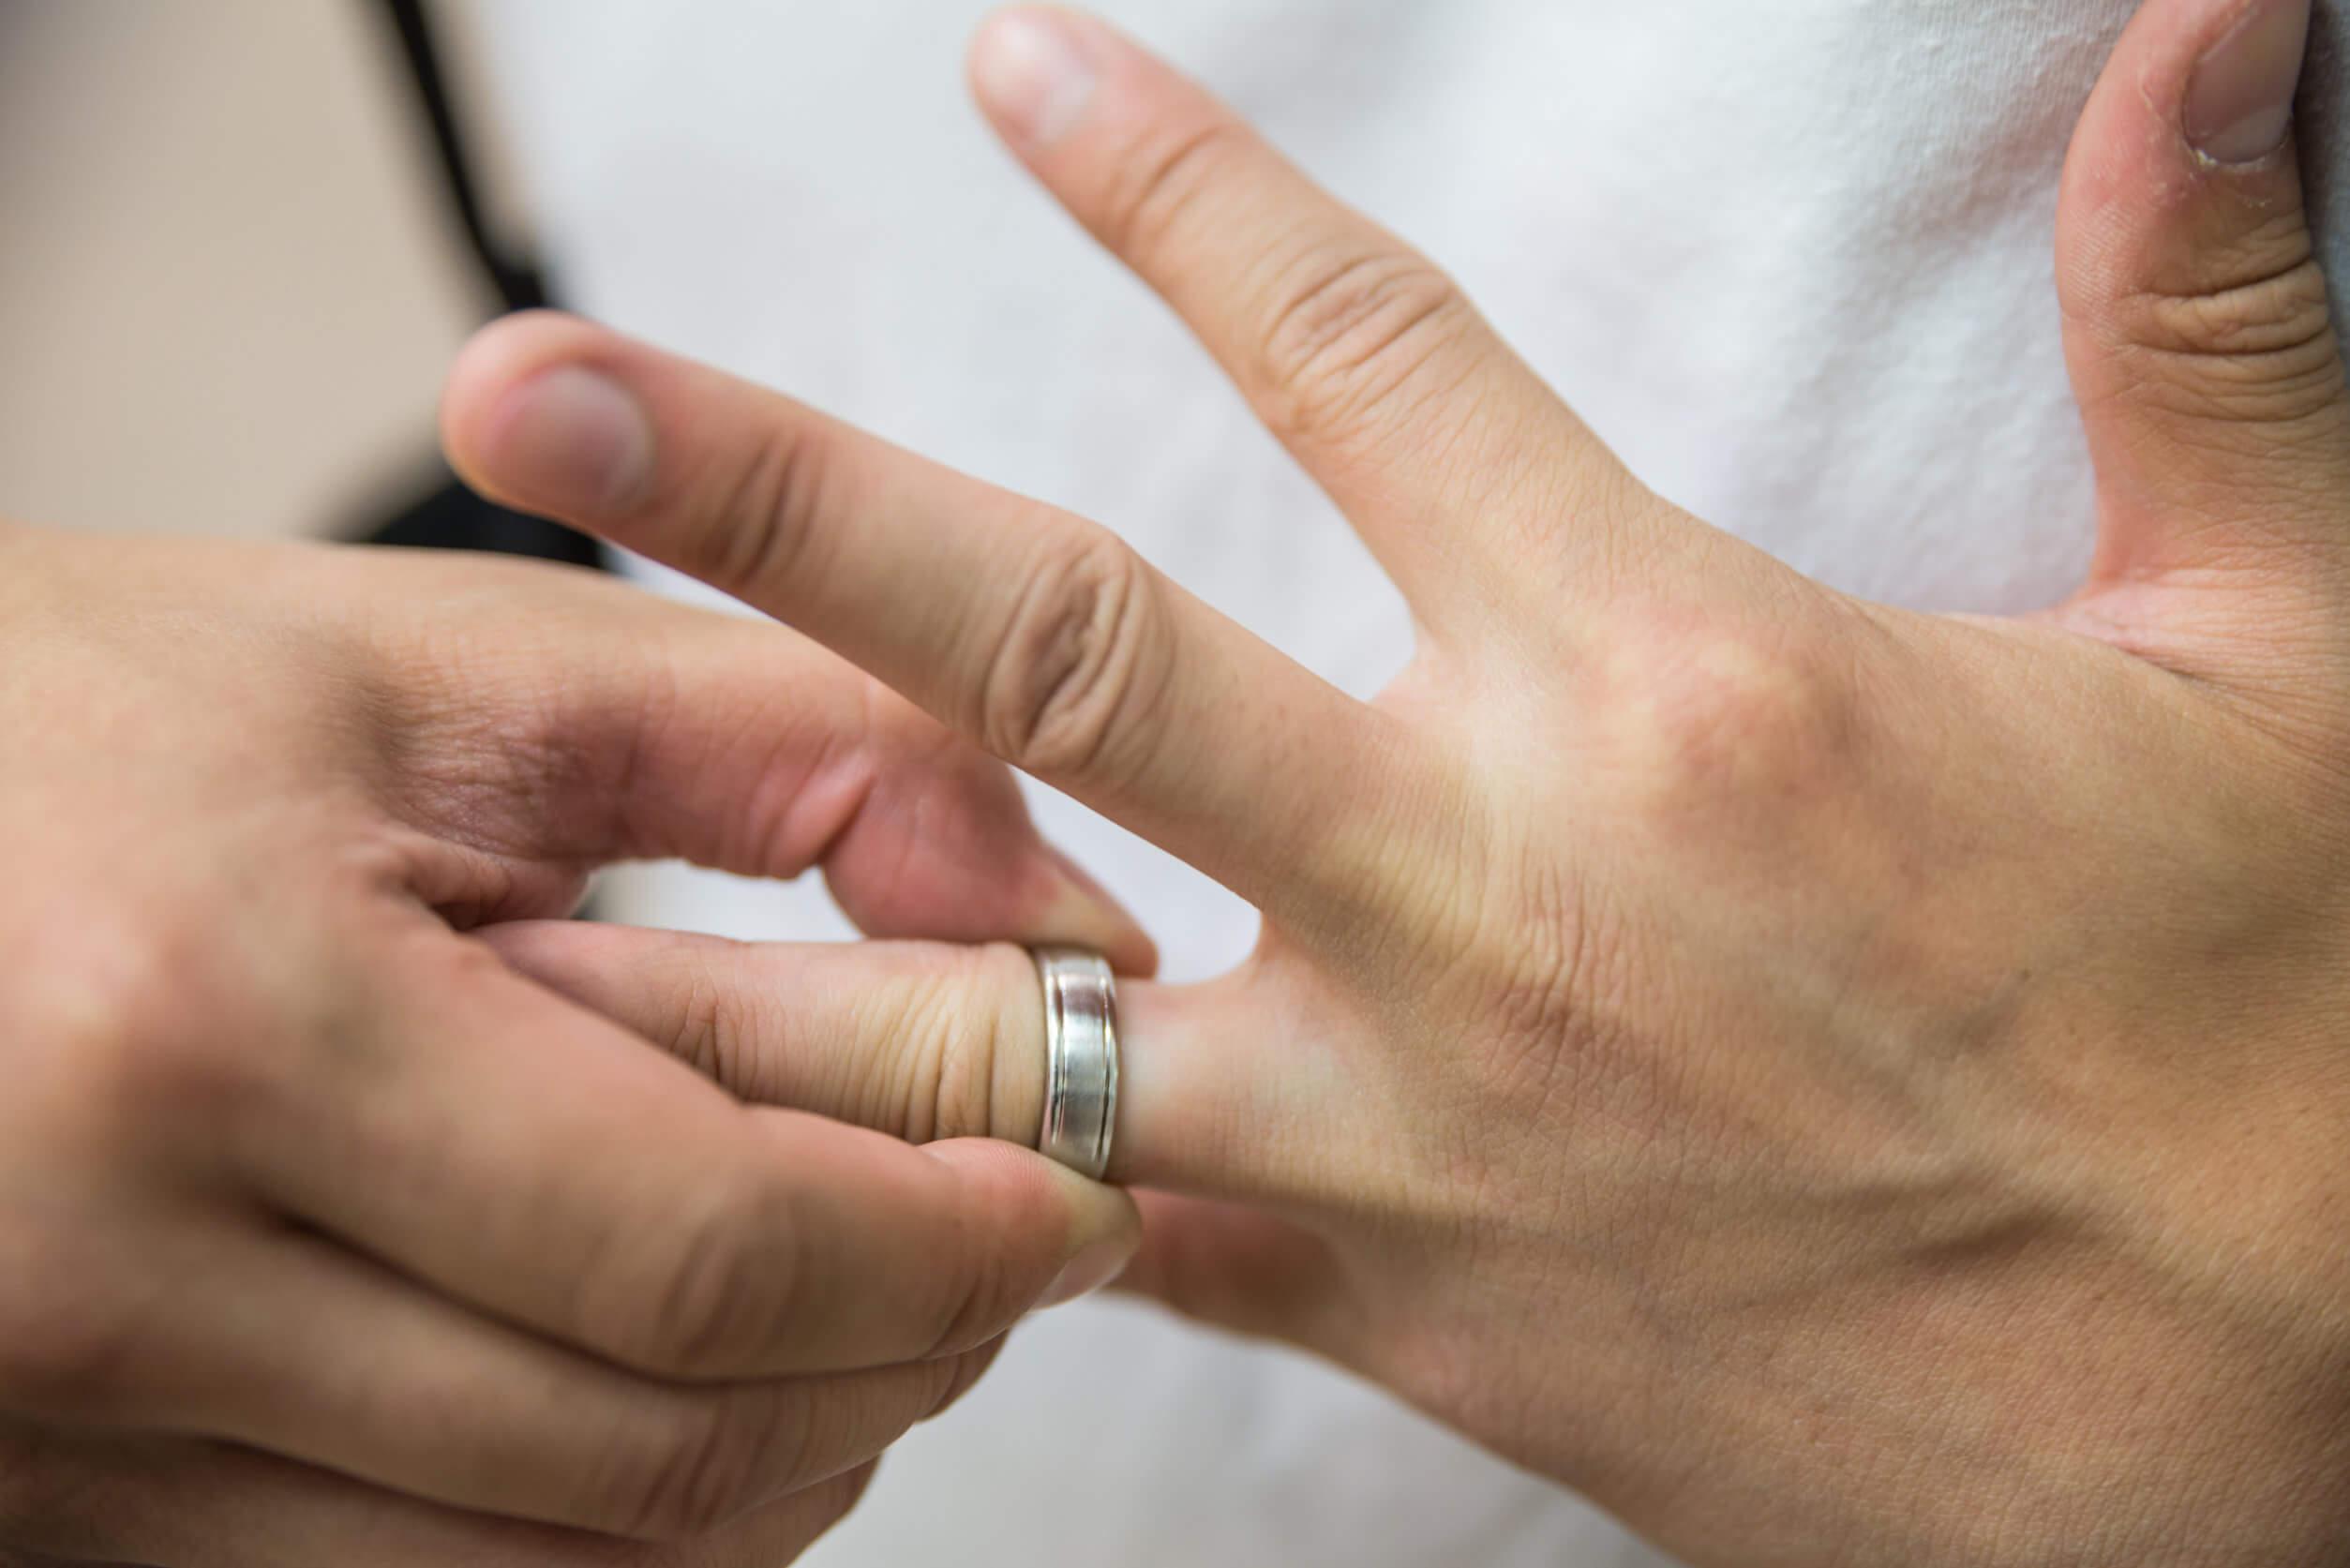 El jabón neutro sirve para extraer un anillo apretado